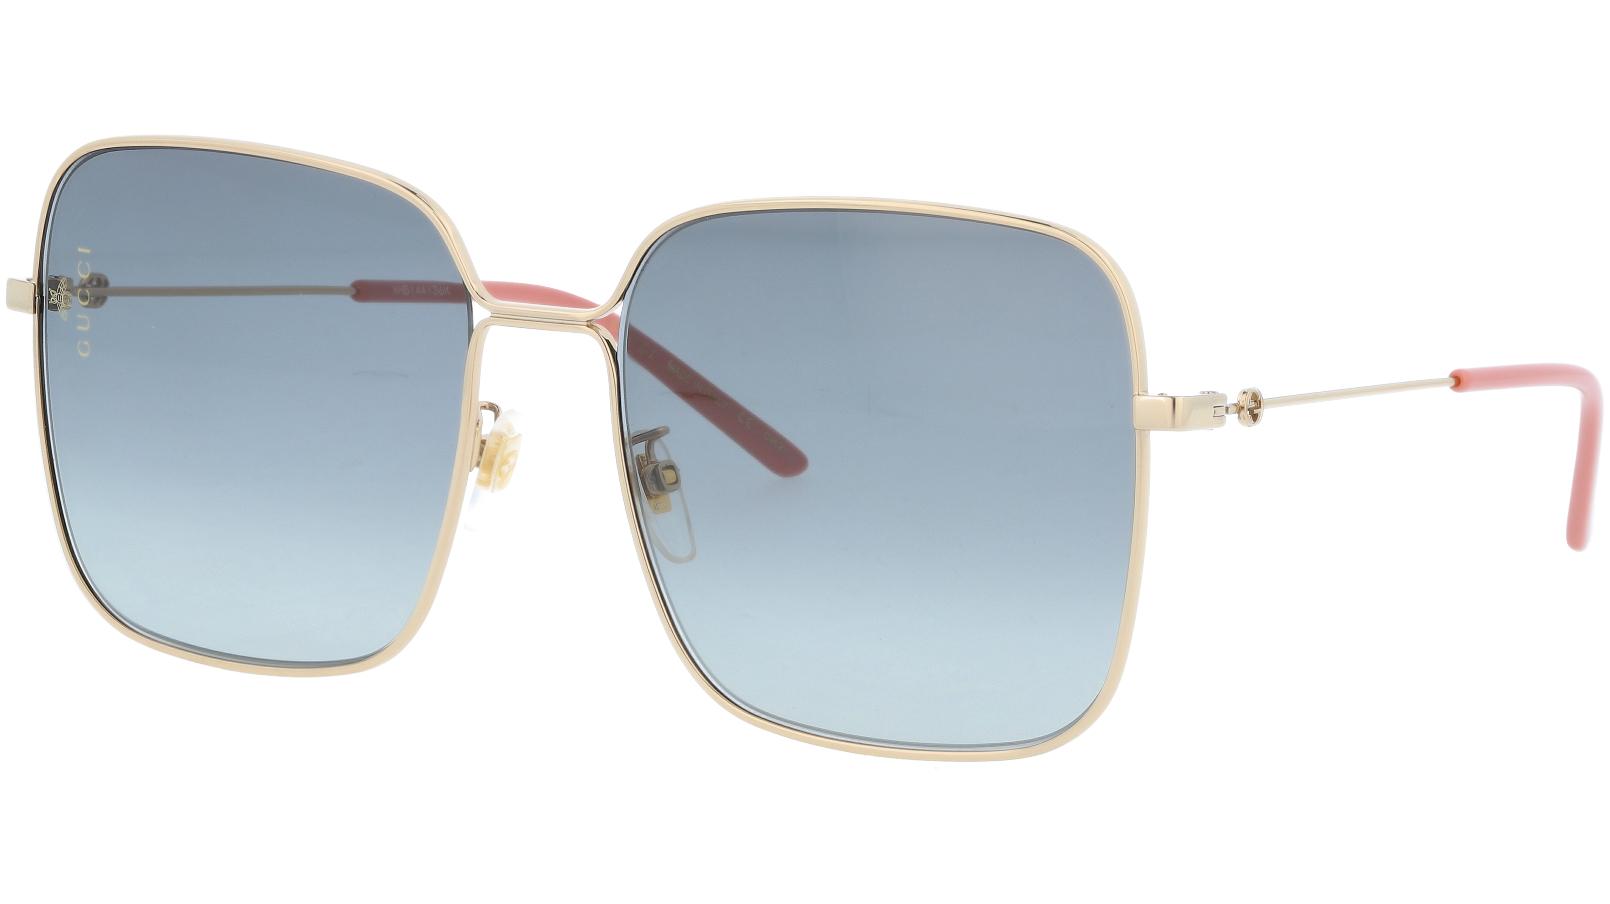 GUCCI GG0443S 005 60 GOLD Sunglasses